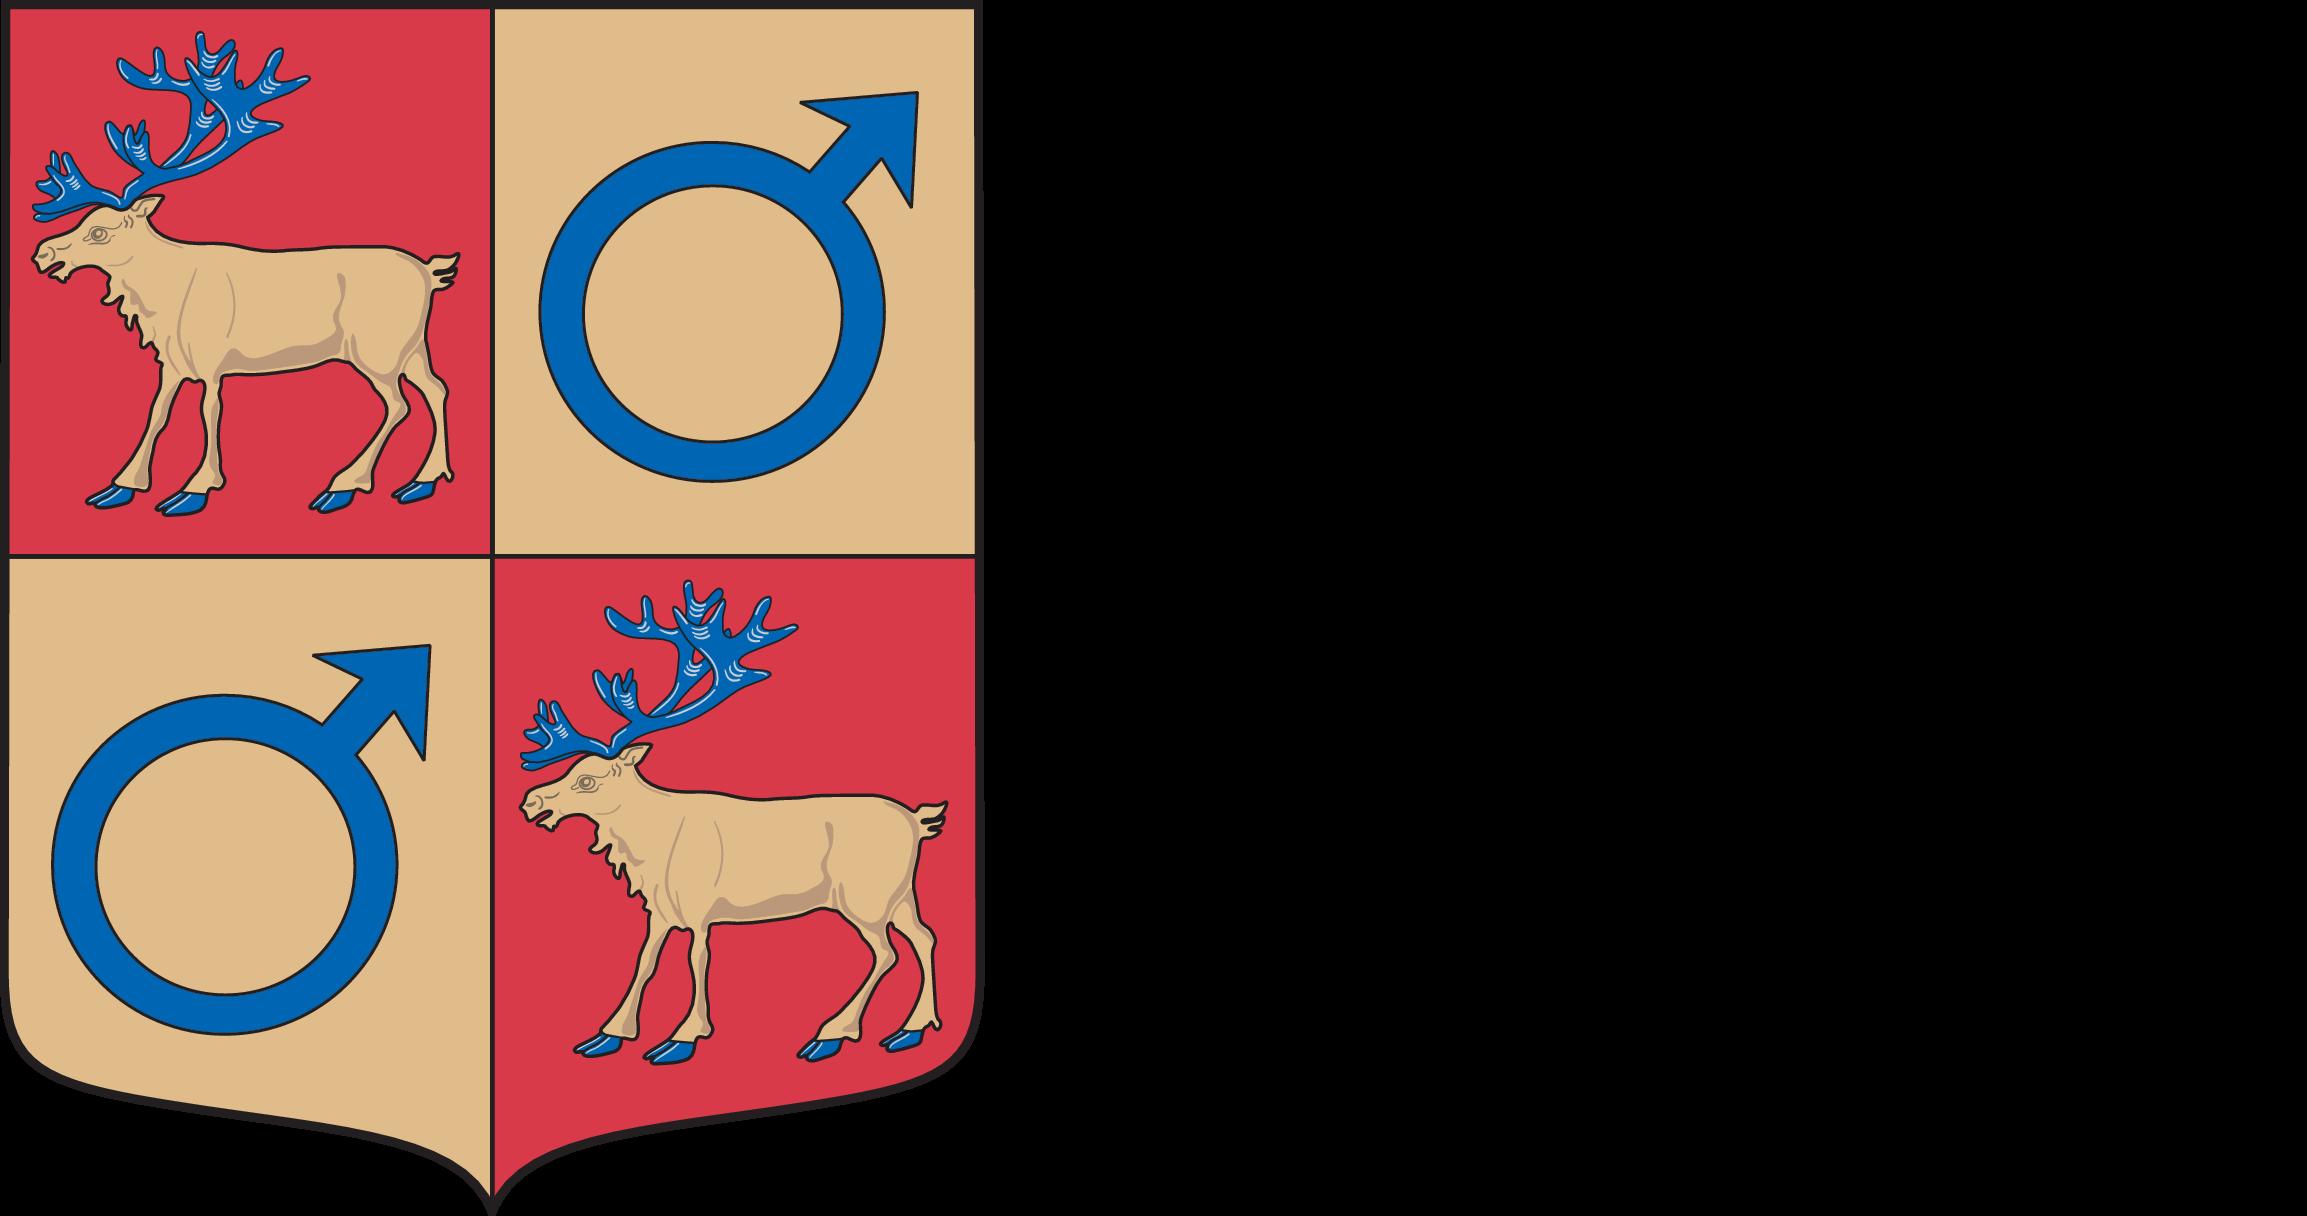 Sävsjö kommun